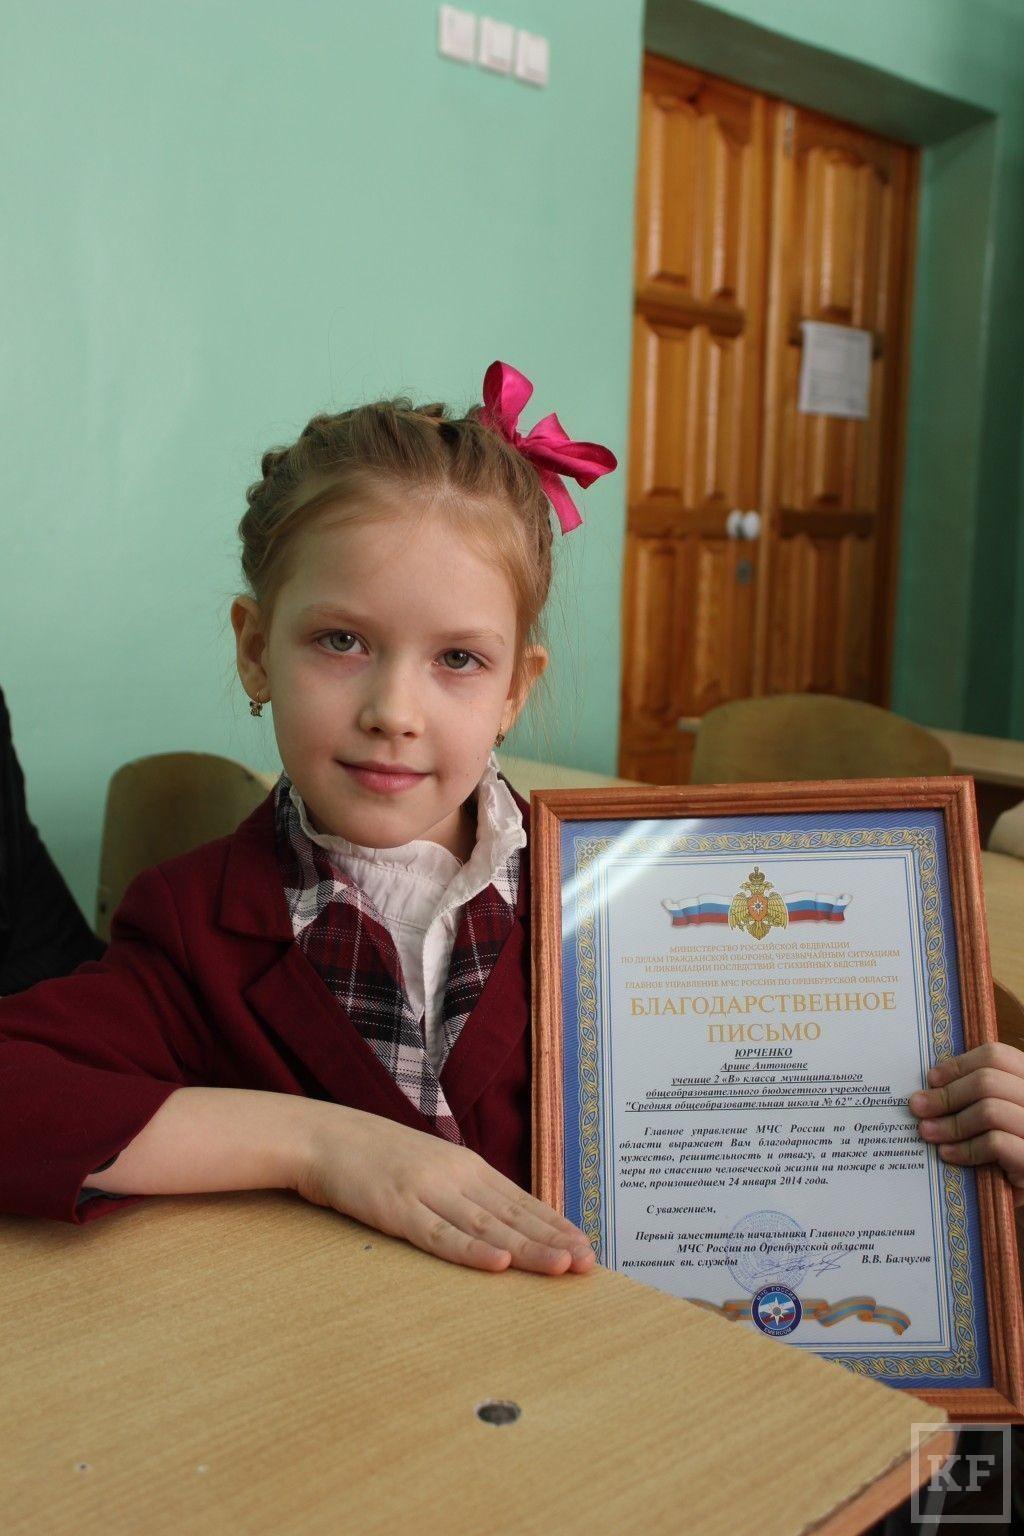 В Оренбурге благодаря 7-летней девочке из пожара спасли 5 человек